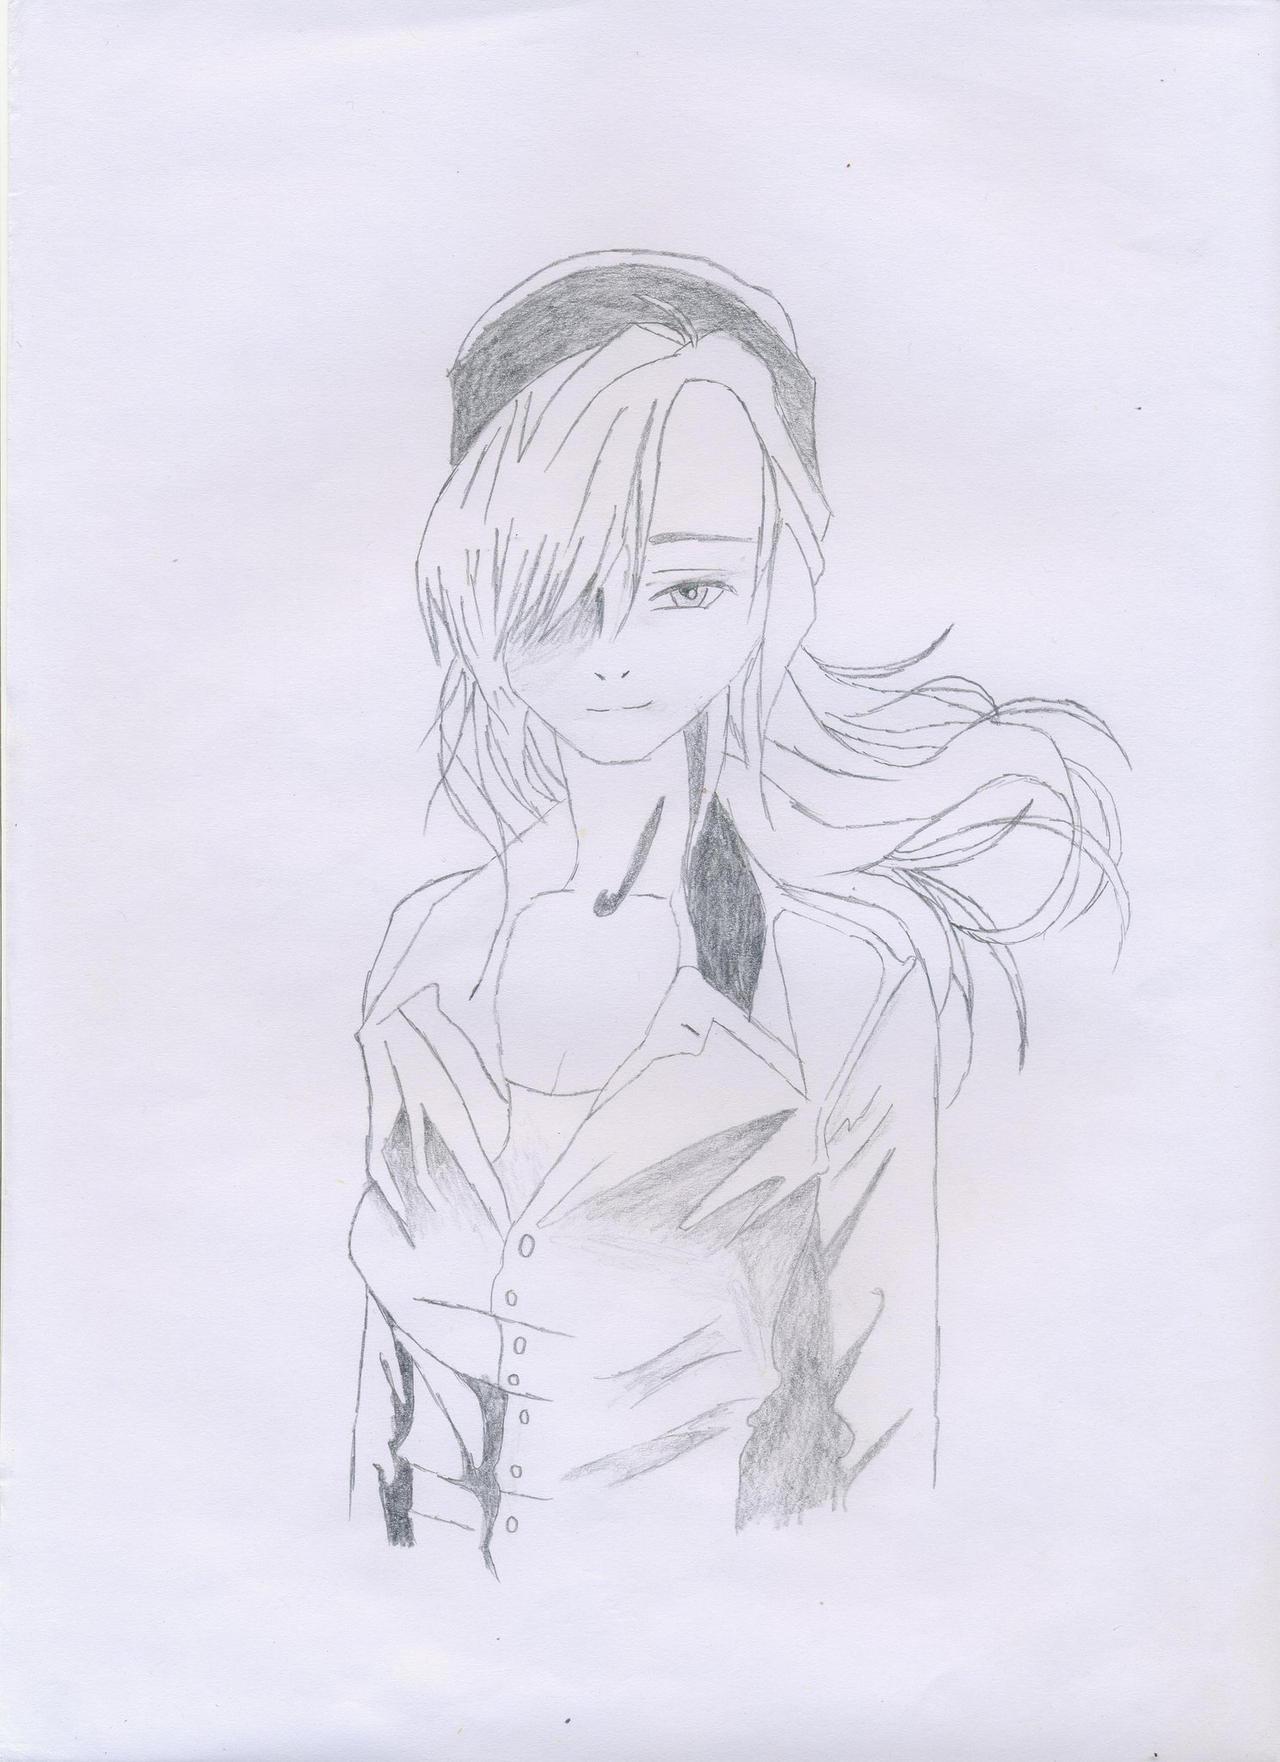 Emma by pretty boy swag on deviantart - Image manga swag ...